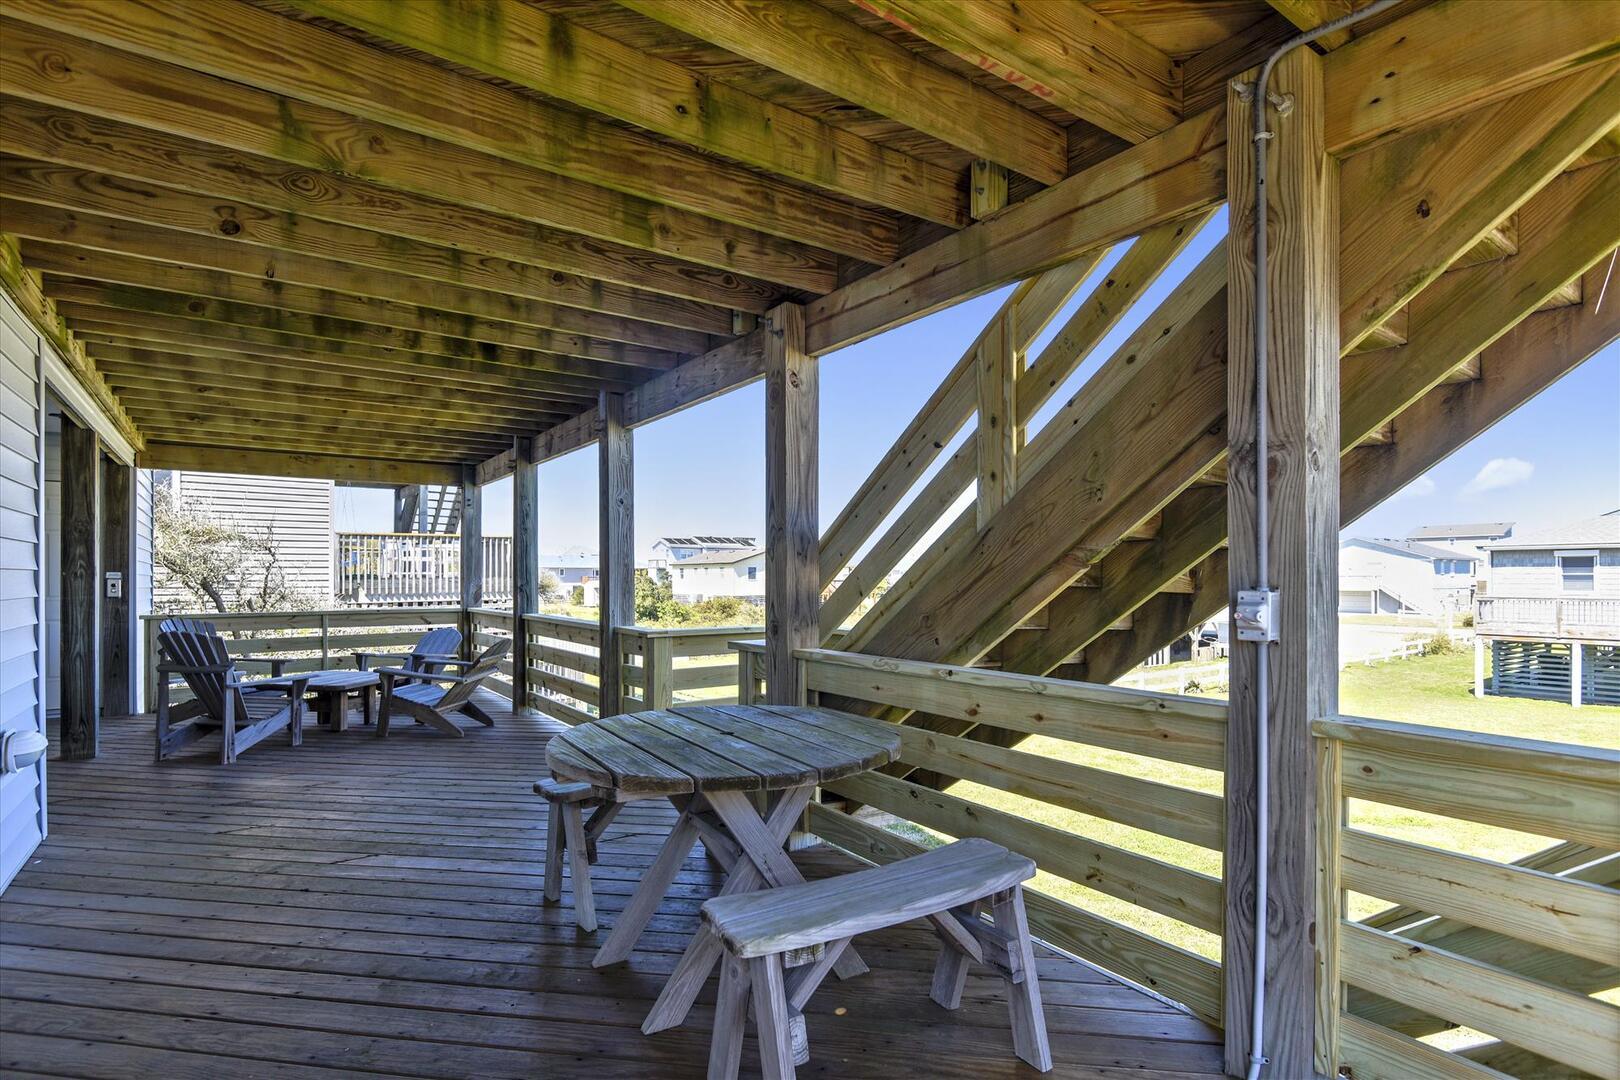 Entry Level,Deck,